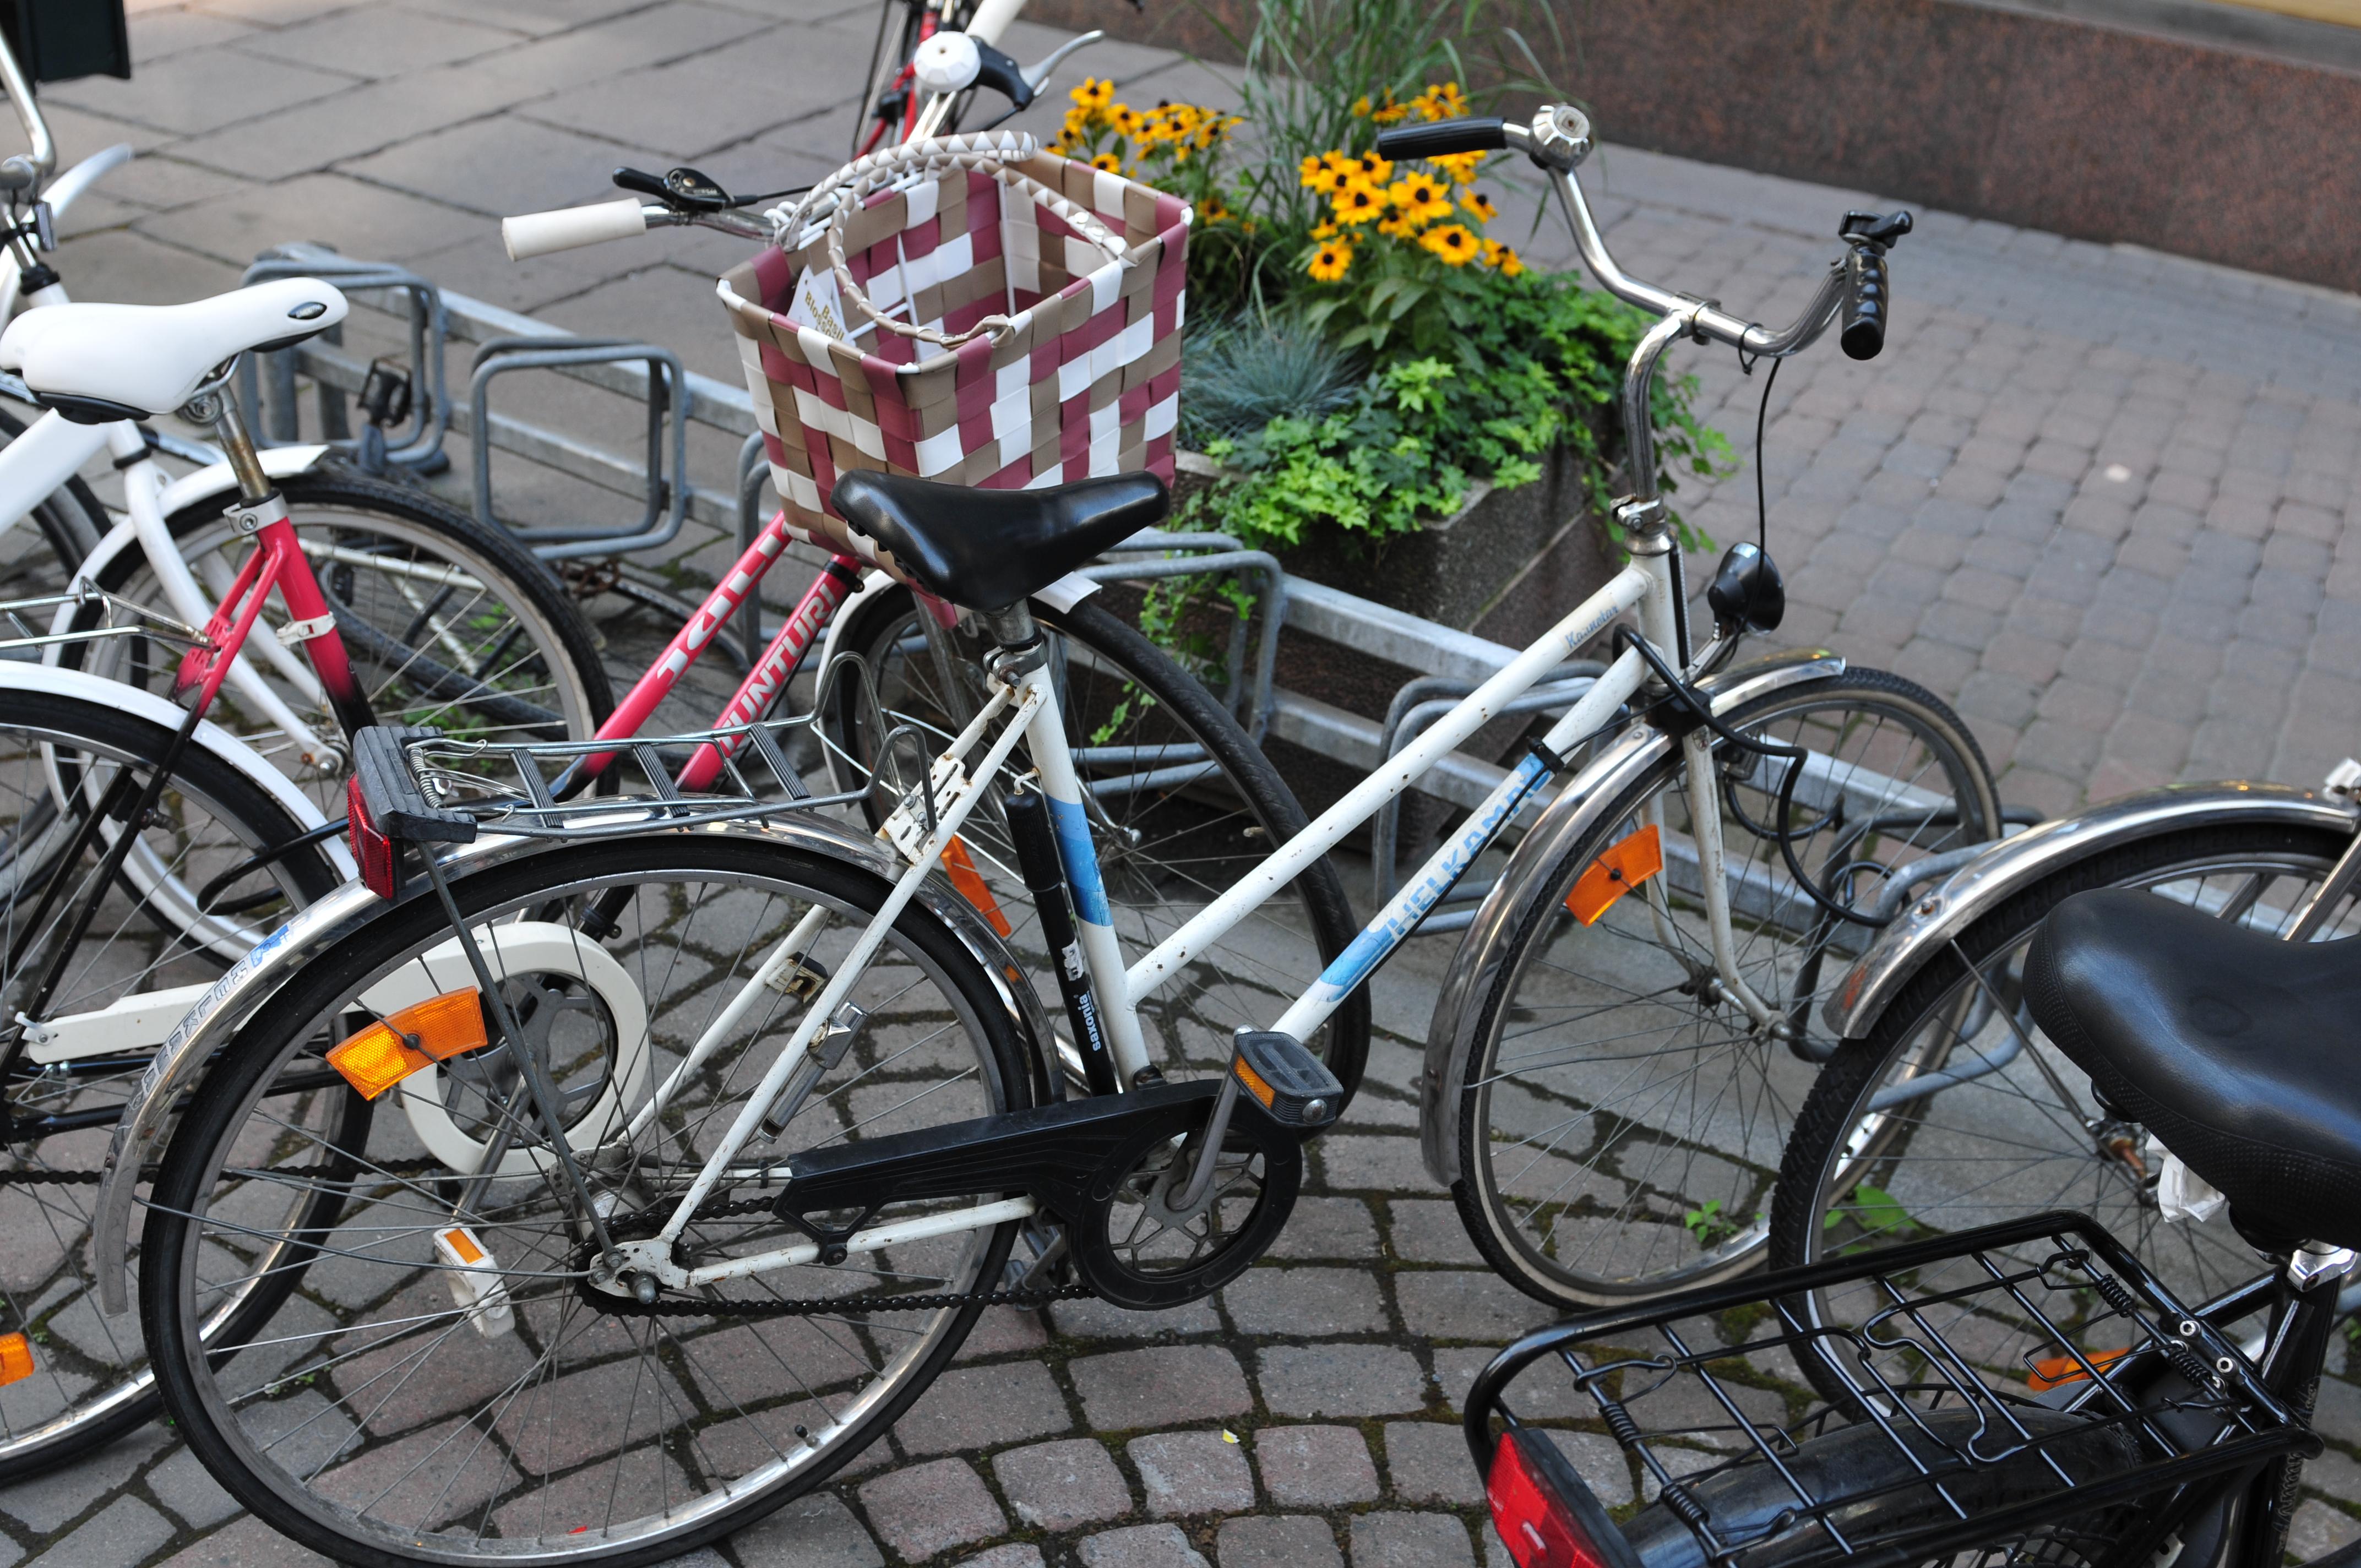 14-08-12-Helsinki-Helkama-RalfR-026.jpg